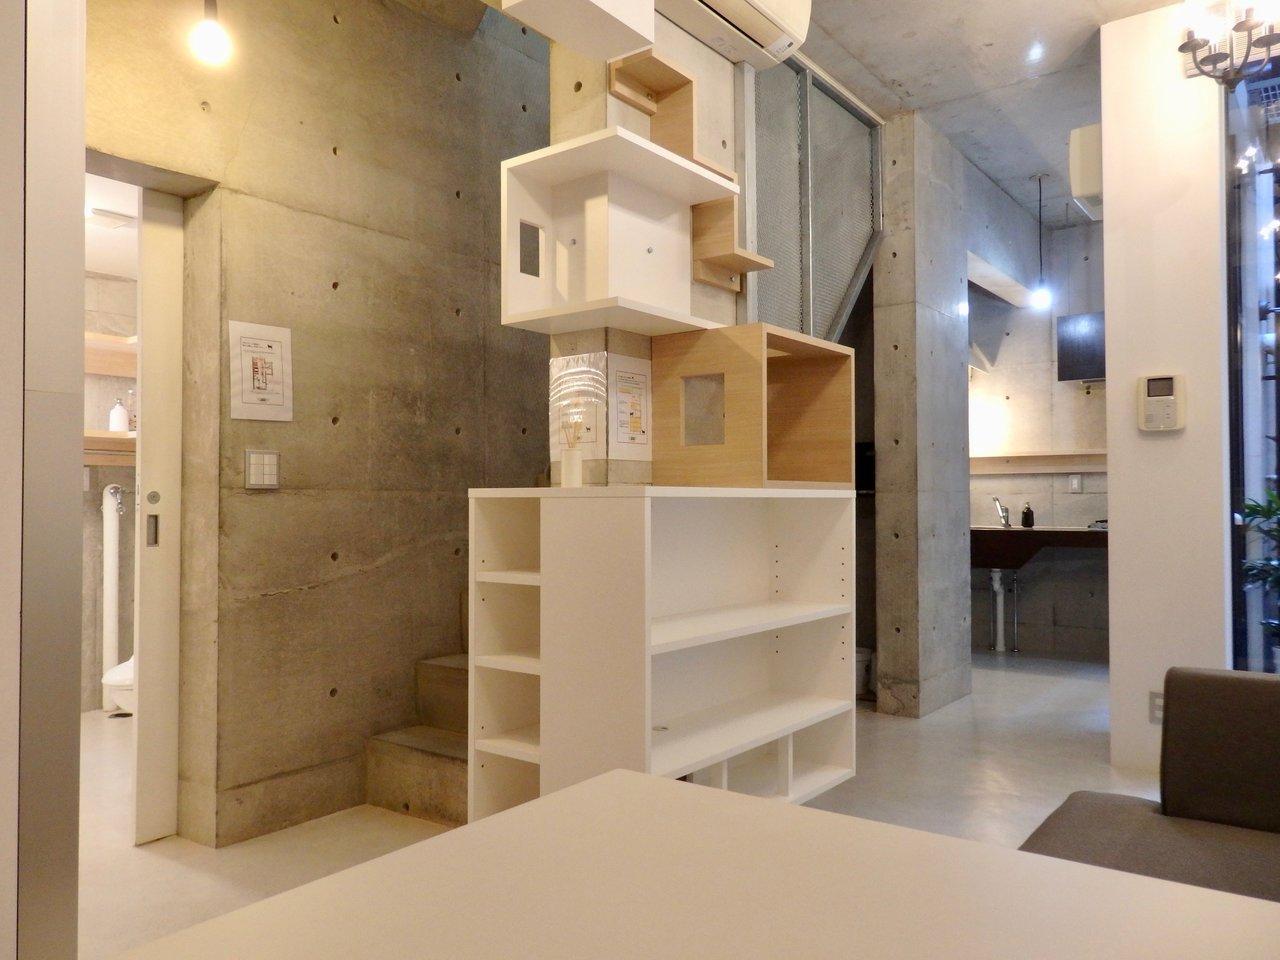 ちなみにこちらのお部屋はペット可の物件。収納棚をキャットウォークにするのもいいですね。人も、ペットもうれしいお部屋です。